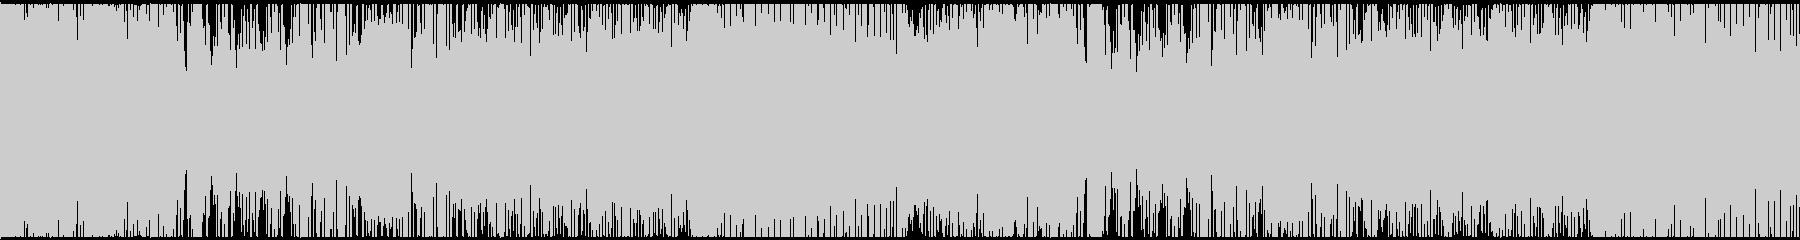 かわいいホラー調オーケストラ・ハロウィンの未再生の波形